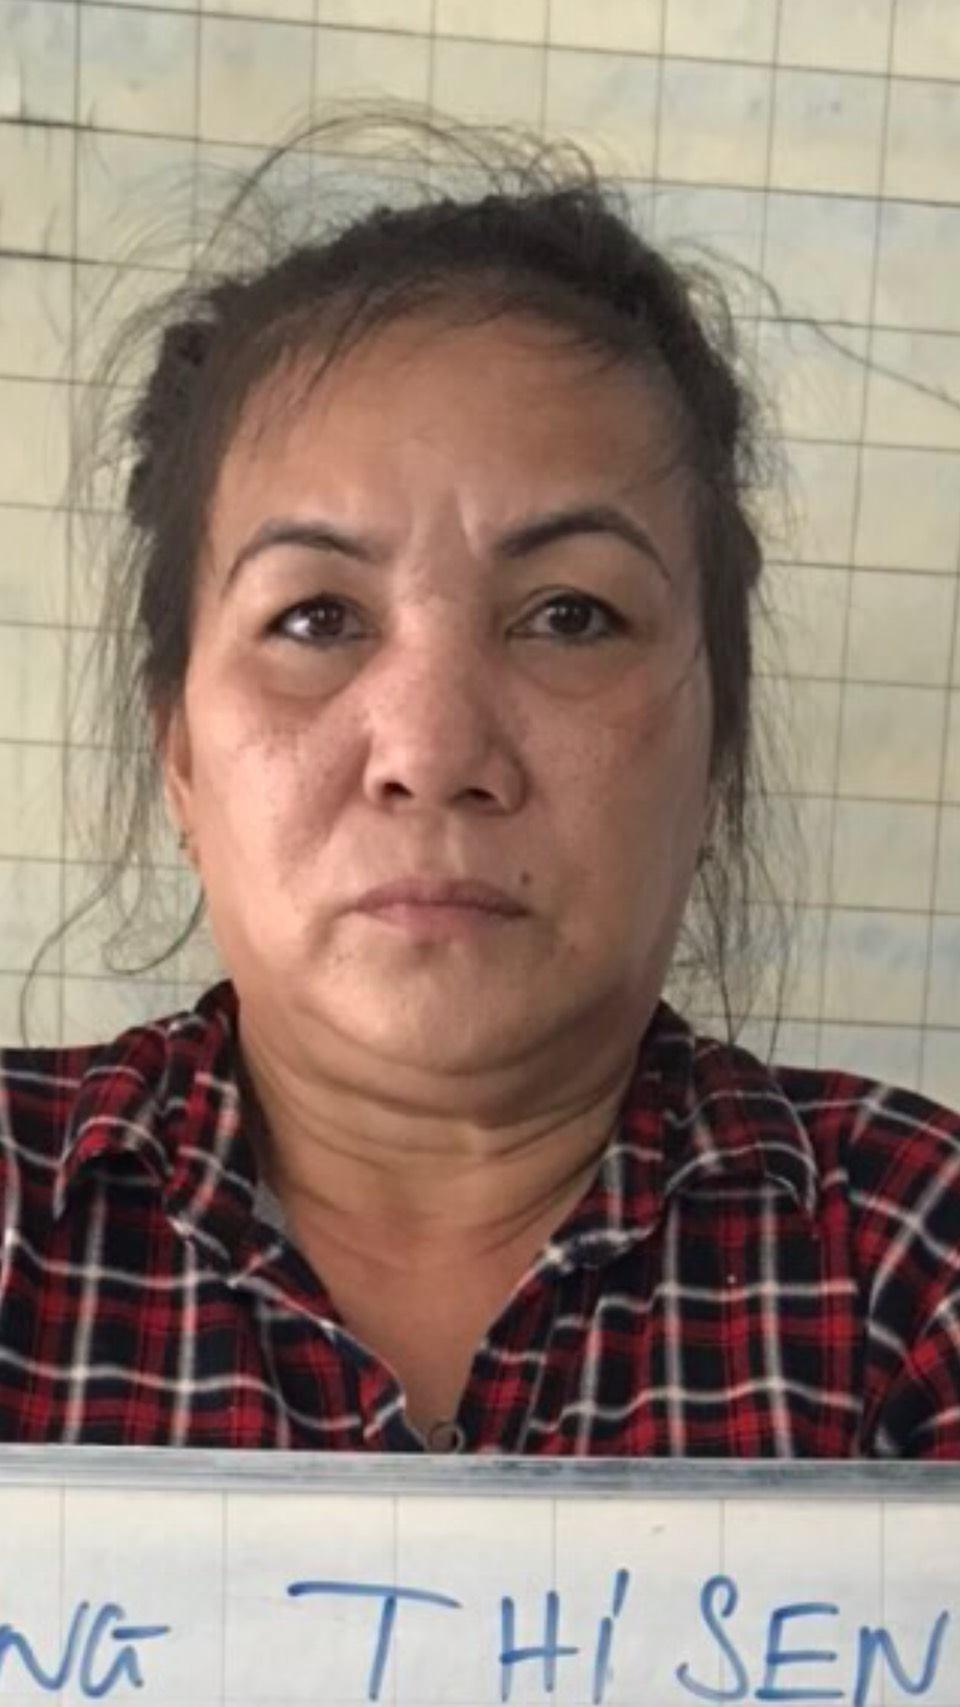 Công an khám xét nhà nhóm tội phạm hoành hành ở khu vực Suối Tiên xuyên đêm - 4